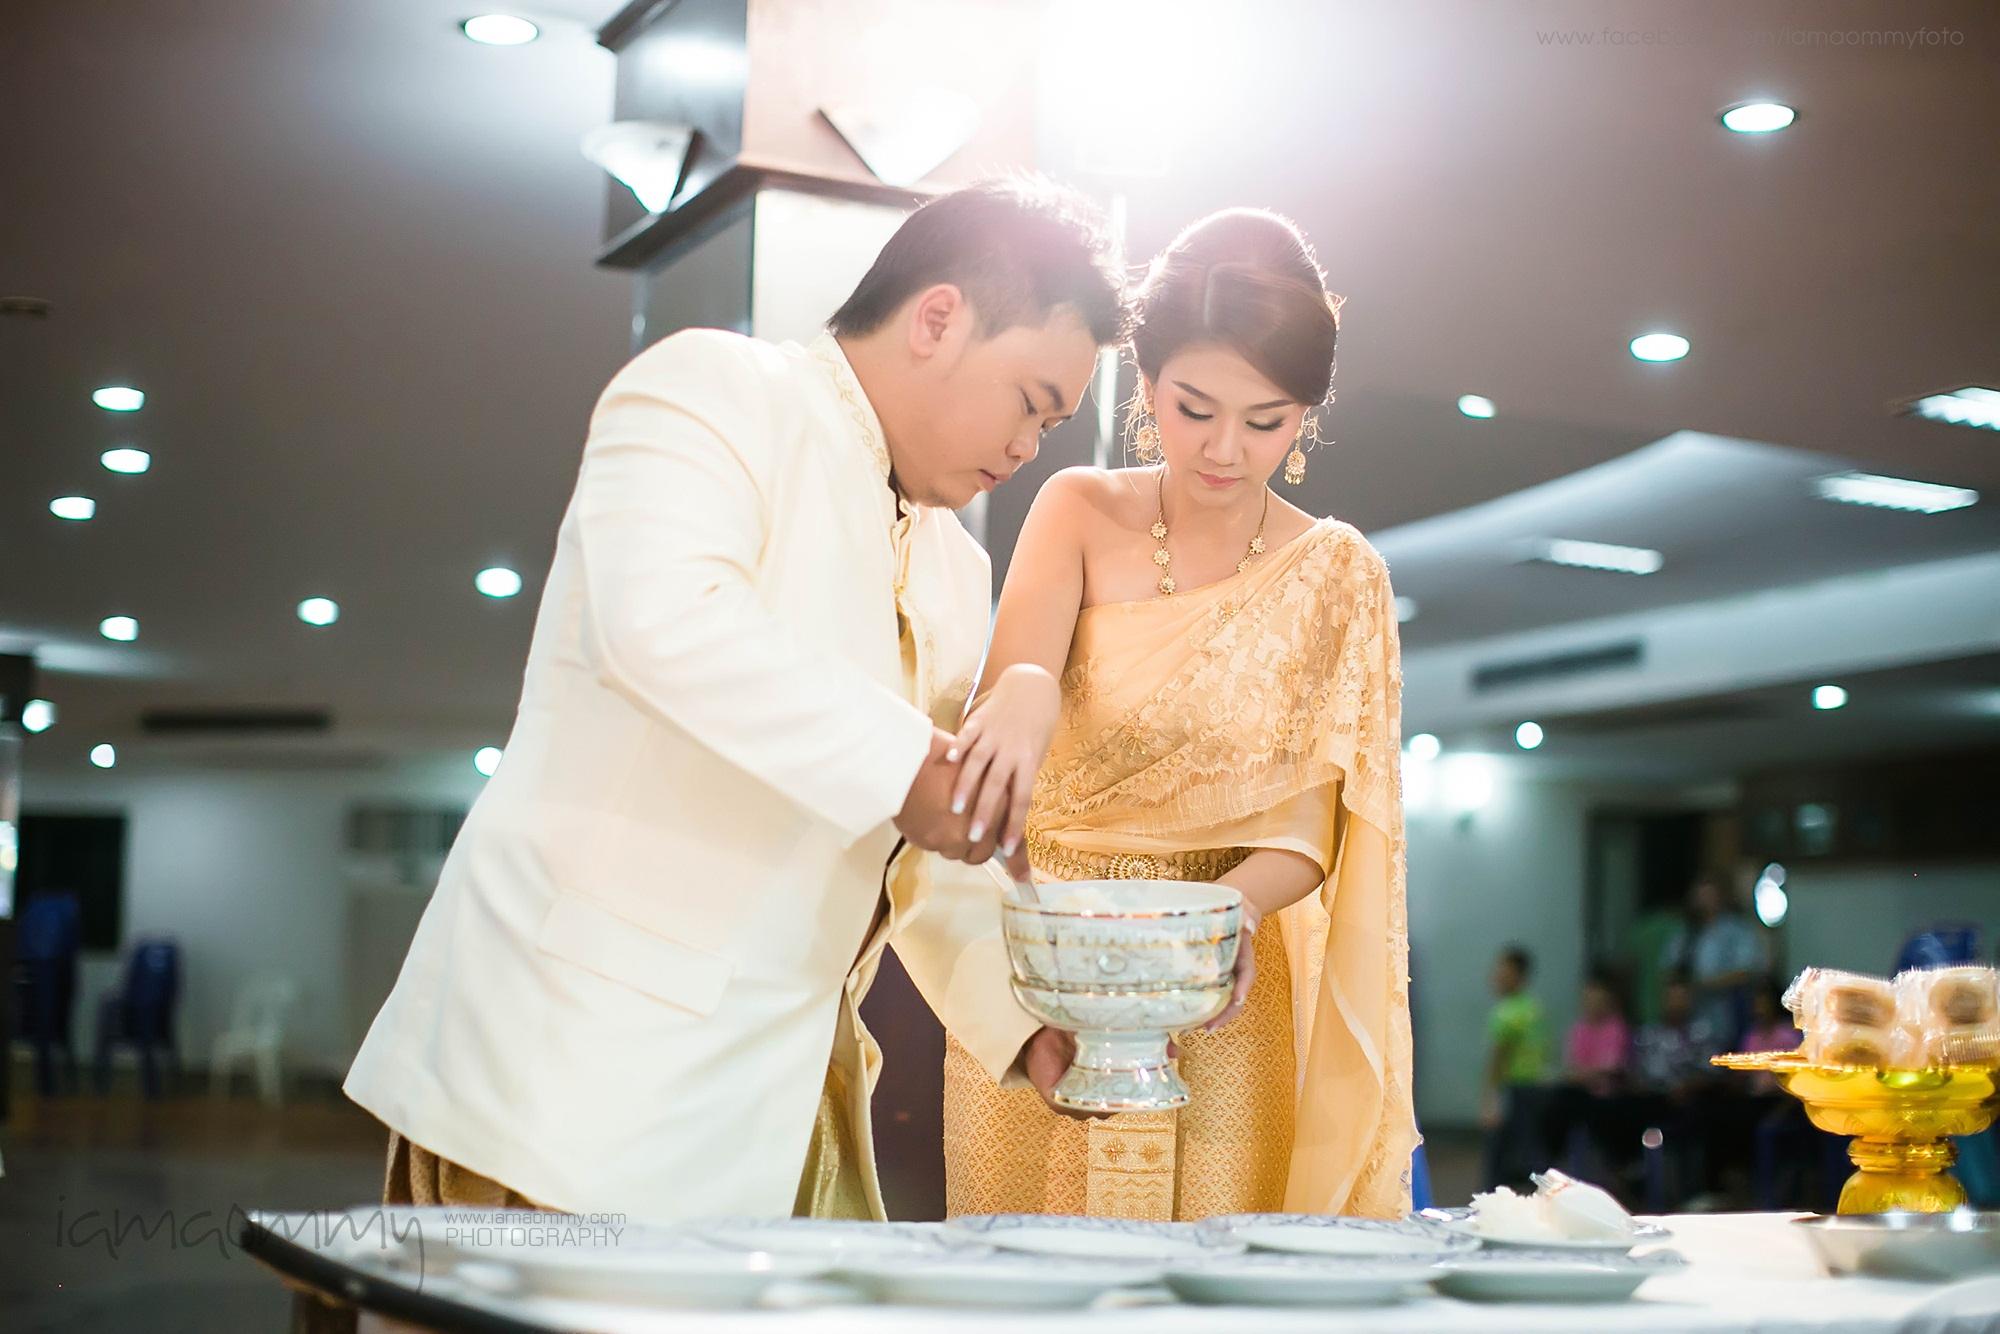 ถ่ายภาพแต่งงงาน_สมาคมชาวปักษ์ใต้_Elle&Nut_0134